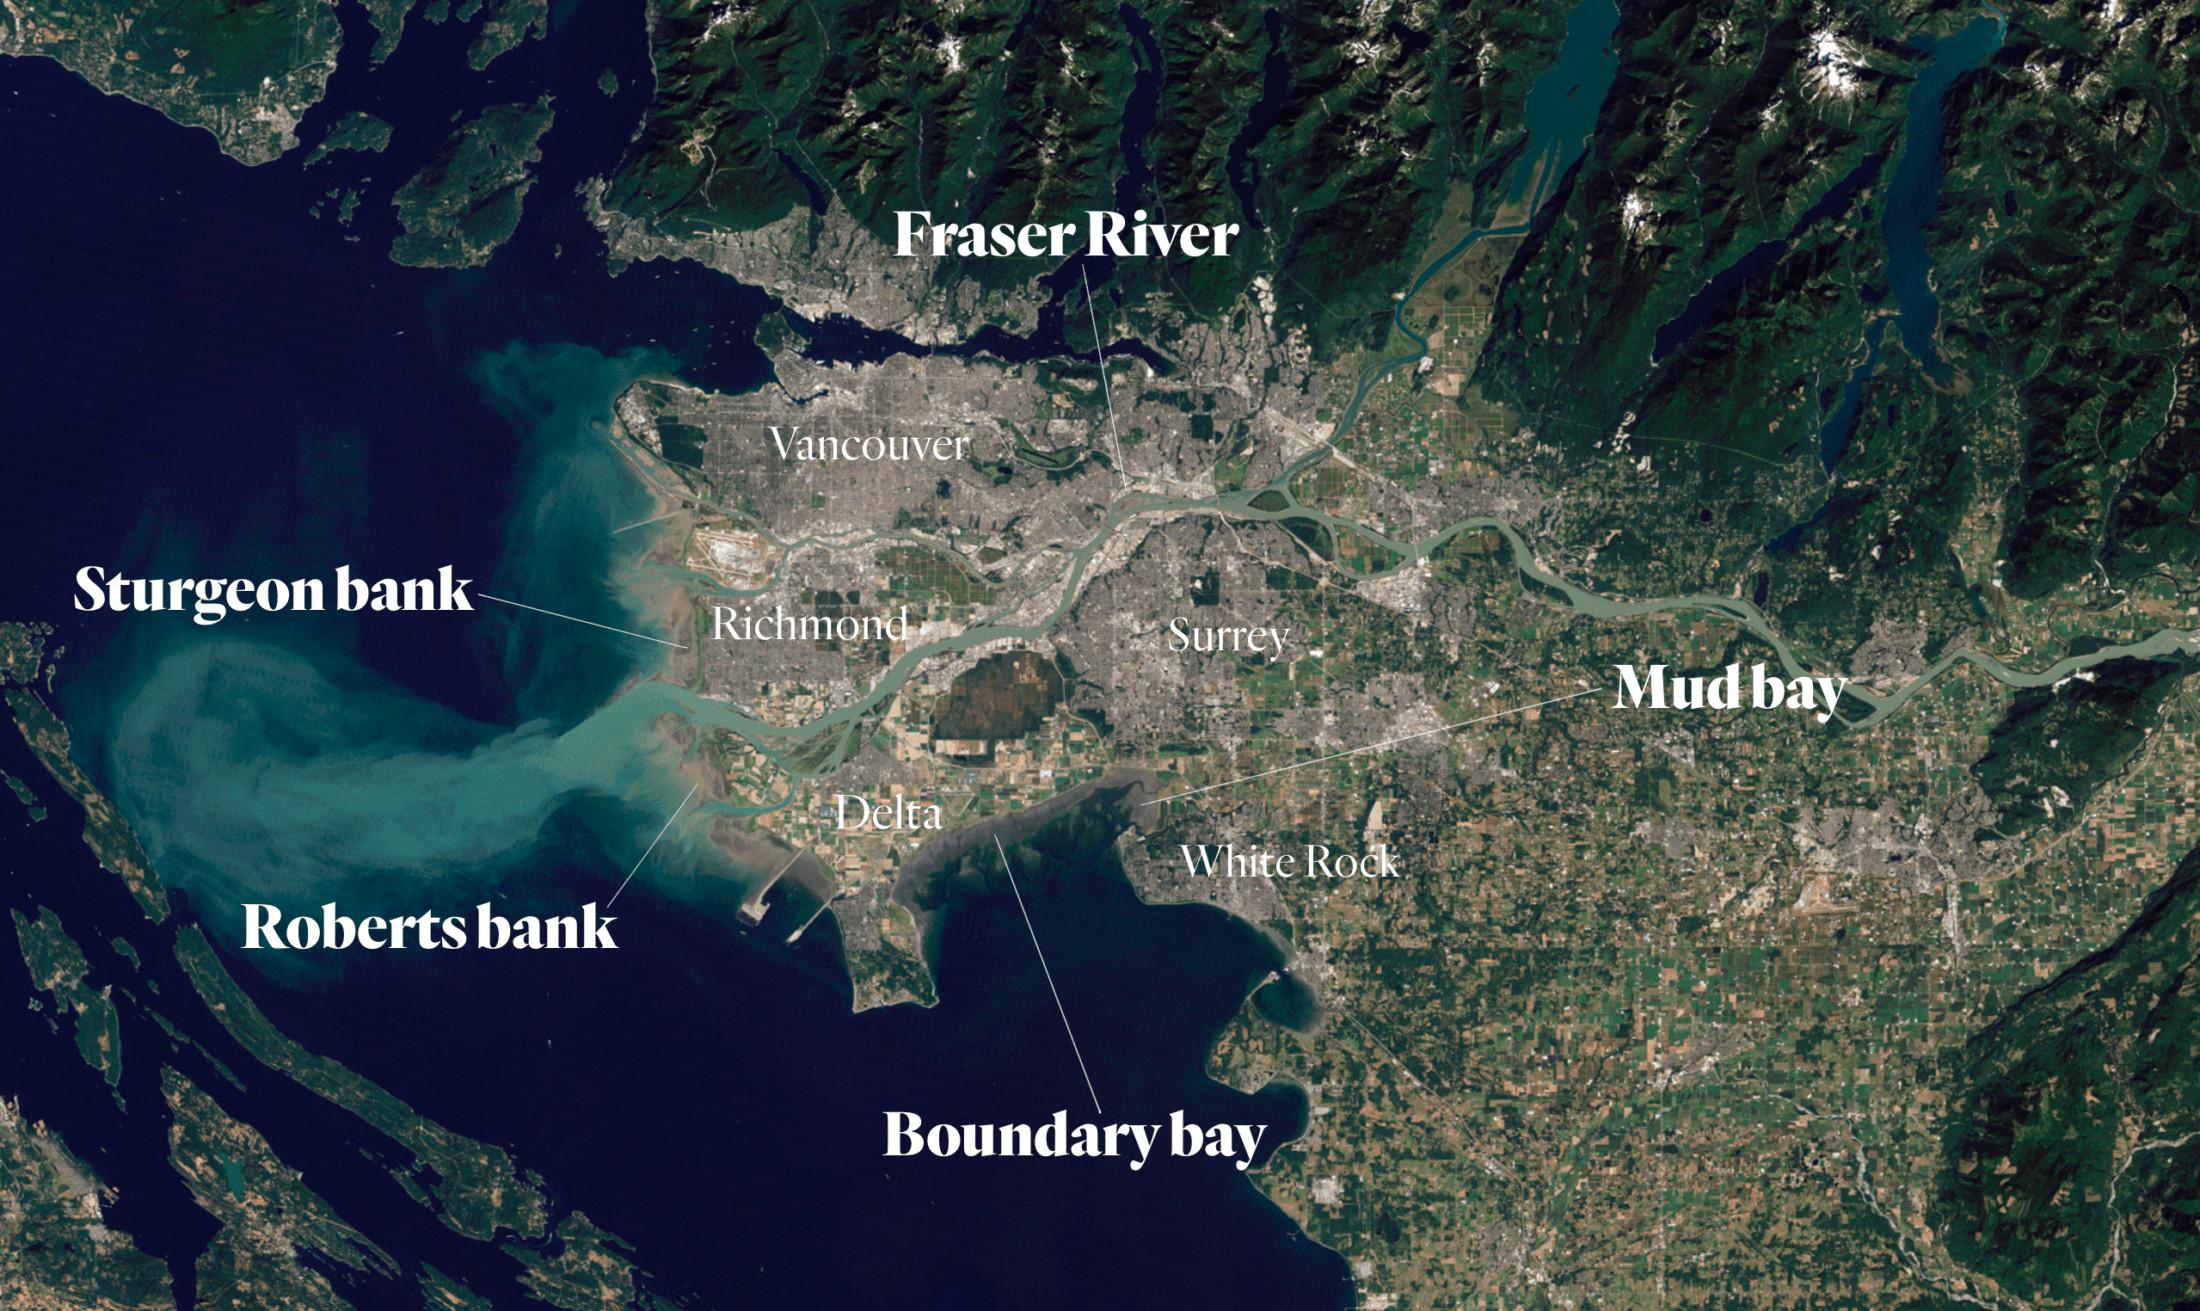 Boundary bay salt marsh climate change Fraser Estuary map